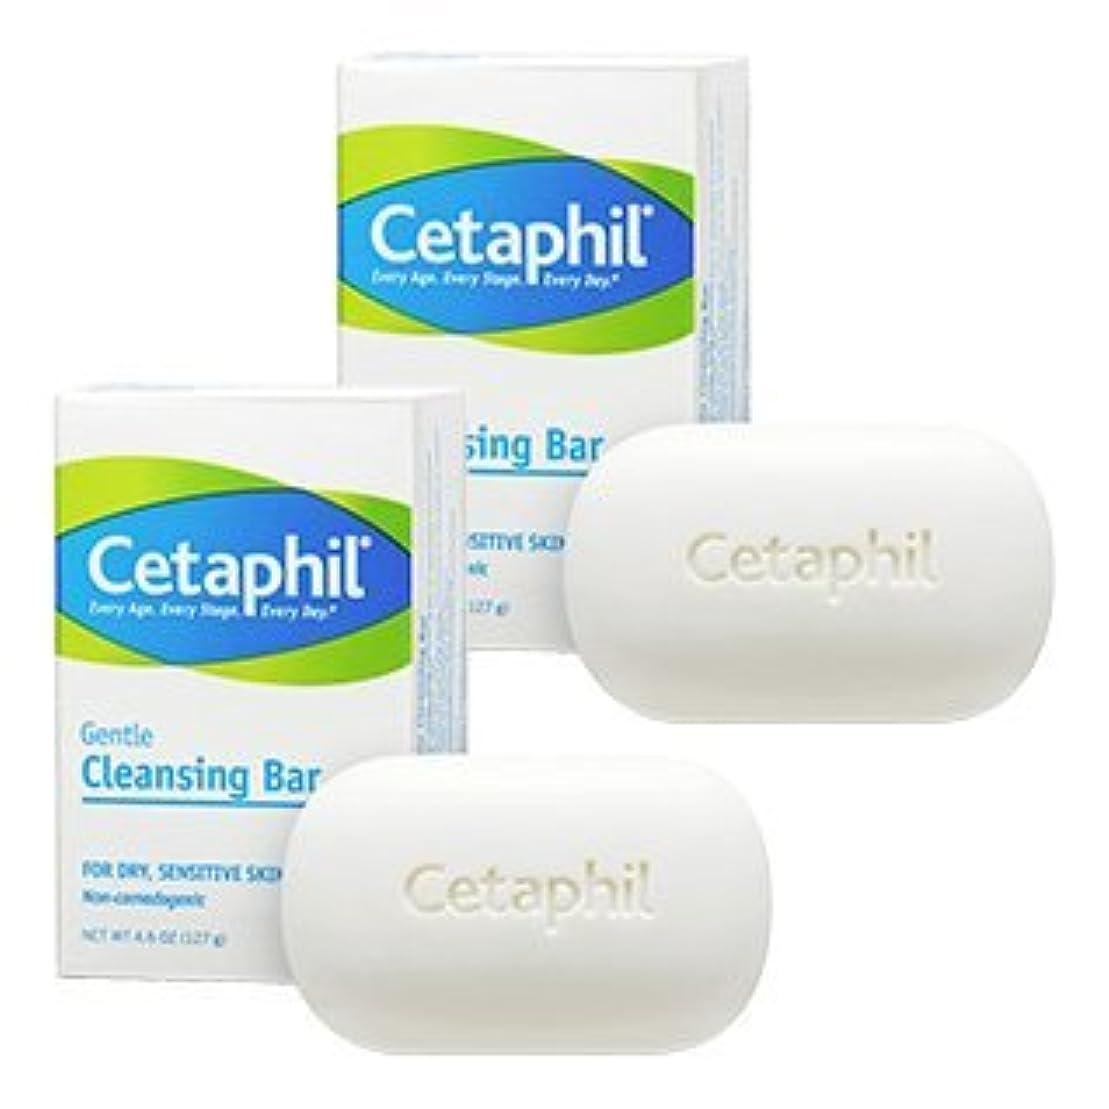 勤勉な吸収剤トーストセタフィル(Cetaphil) ジェントル クレンジング バー 127g×2個セット [海外直送品][並行輸入品]